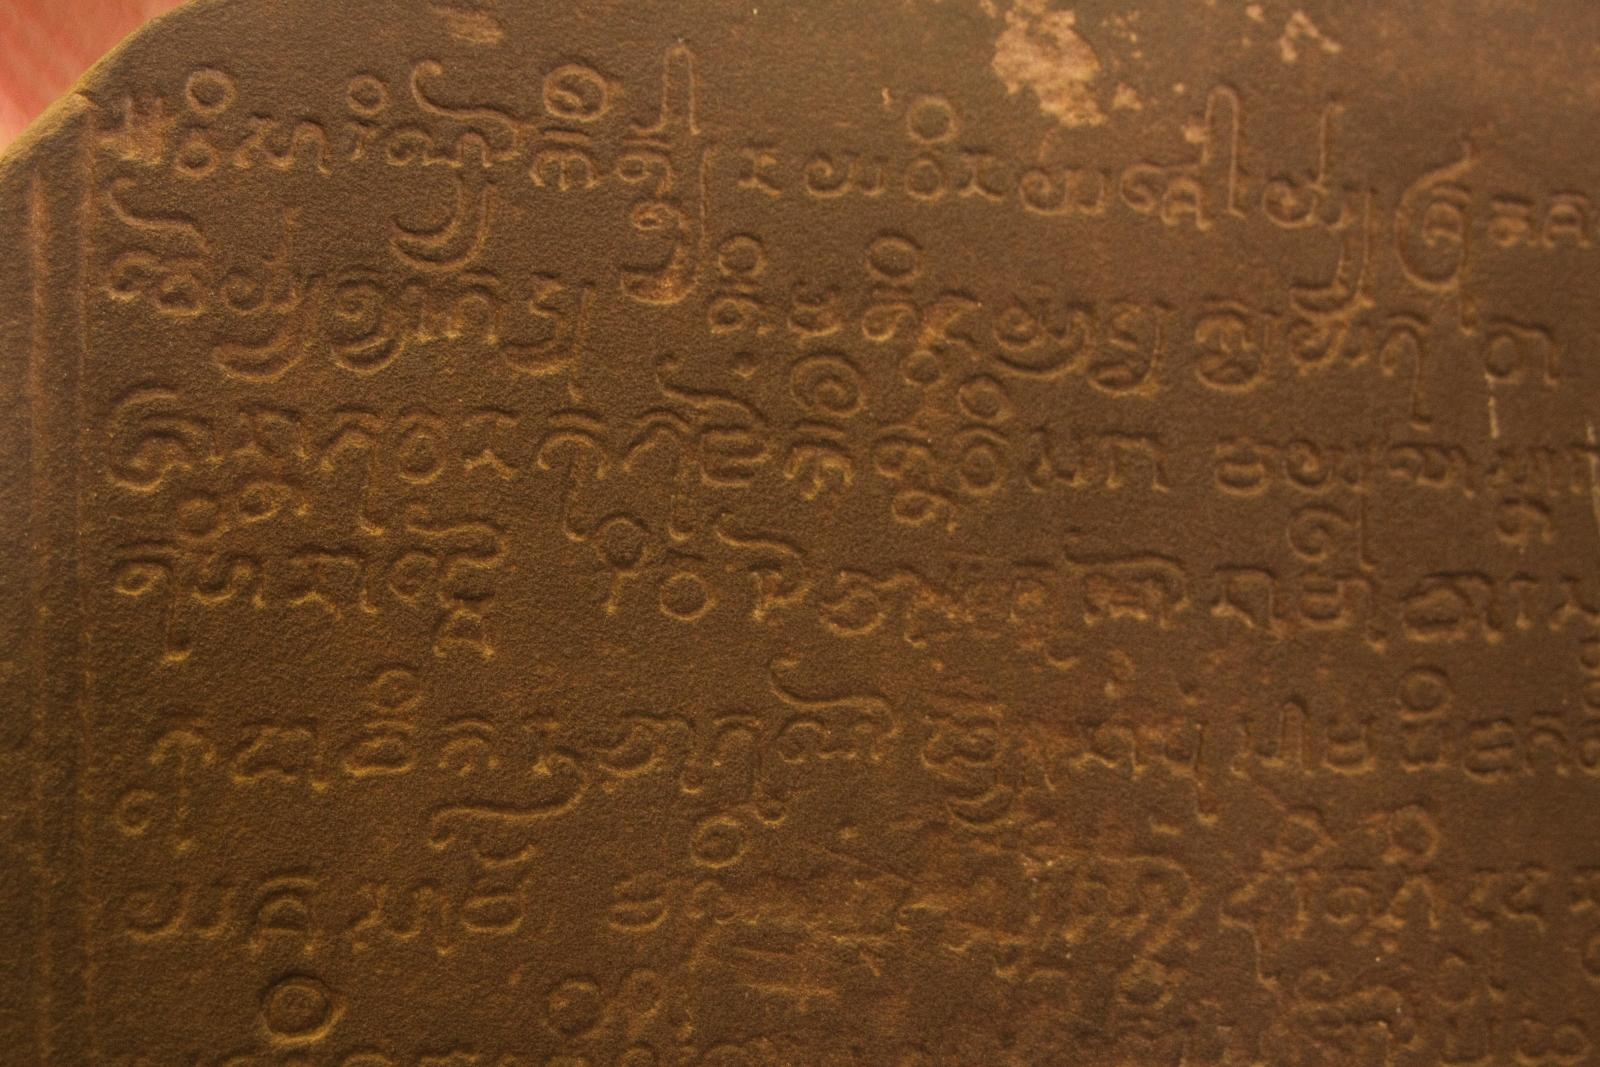 Post-Pallava script